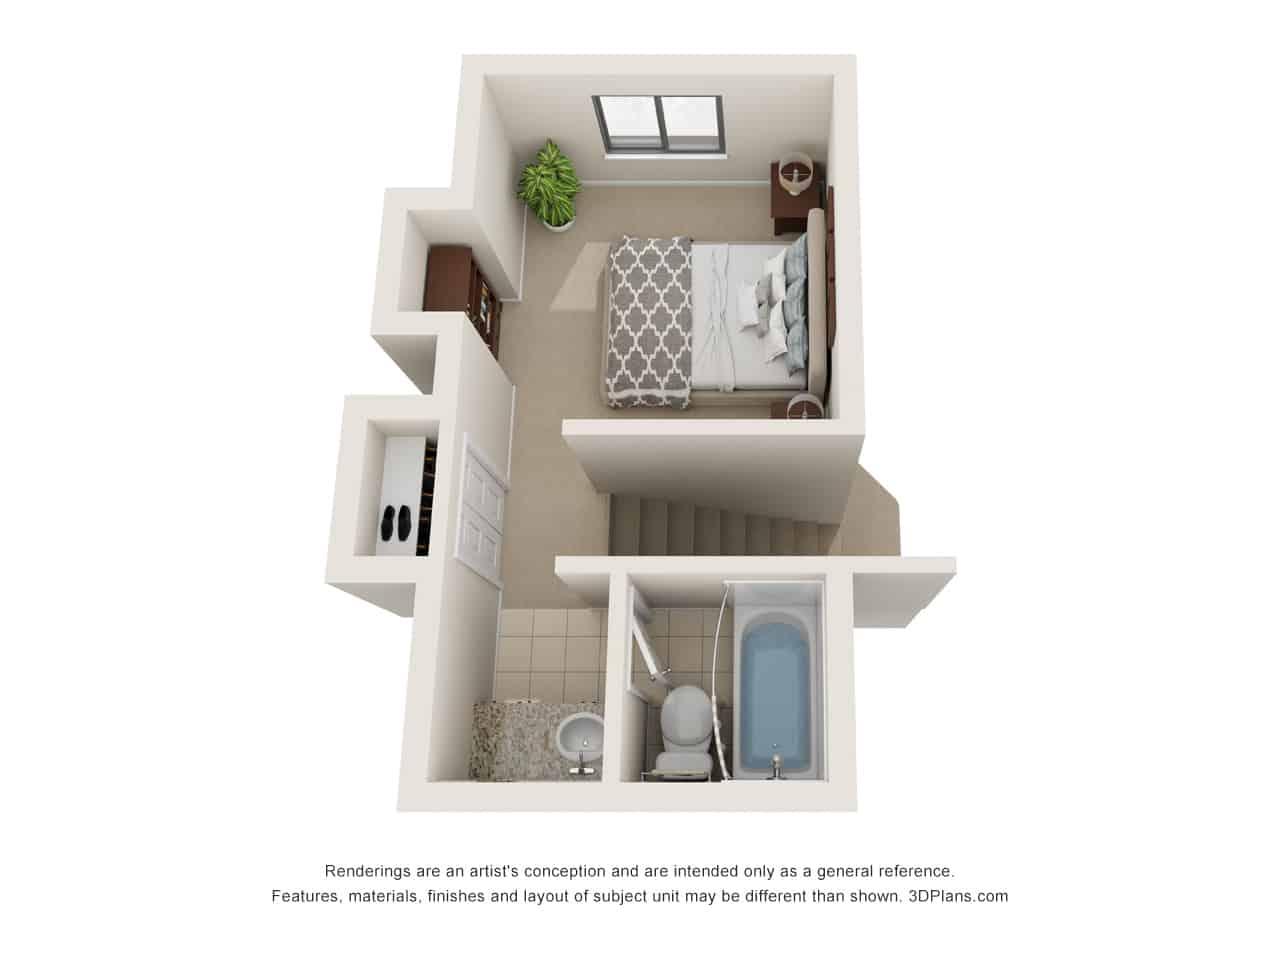 2 Bedroom - 2nd Floor